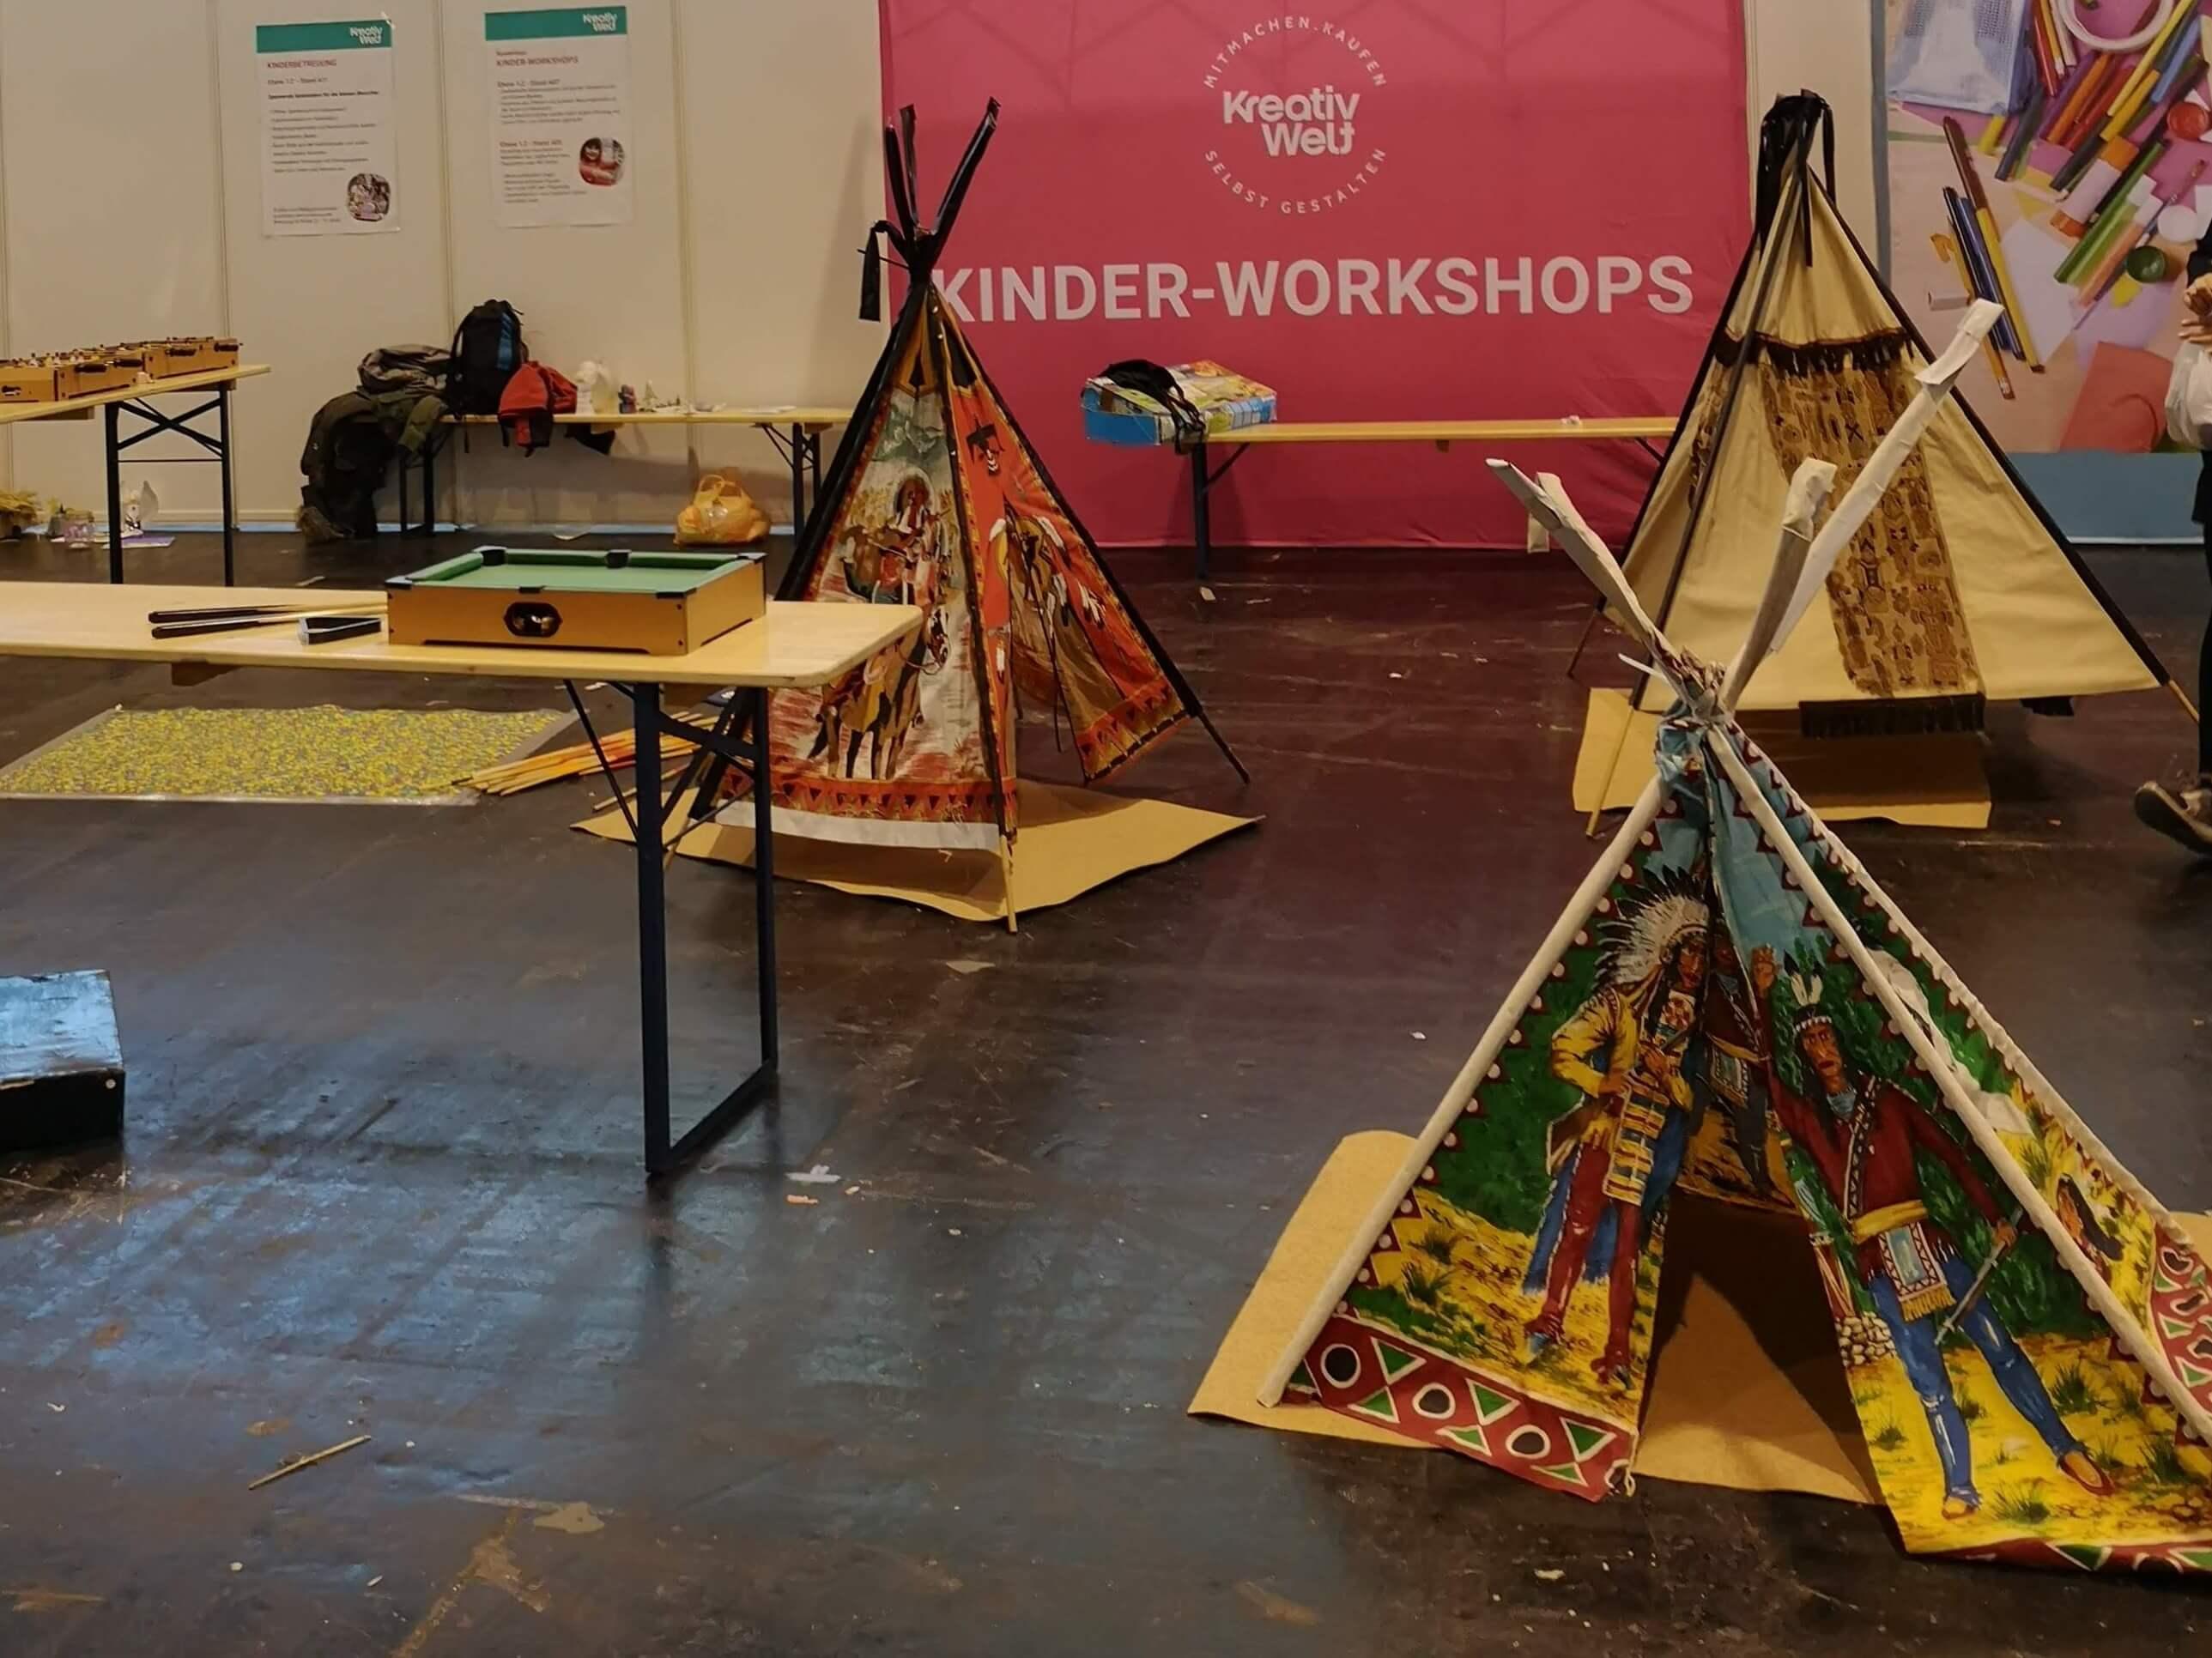 Das Kinderareal auf der Kreativ Welt Frankfurt - Frankfurt mit Kids